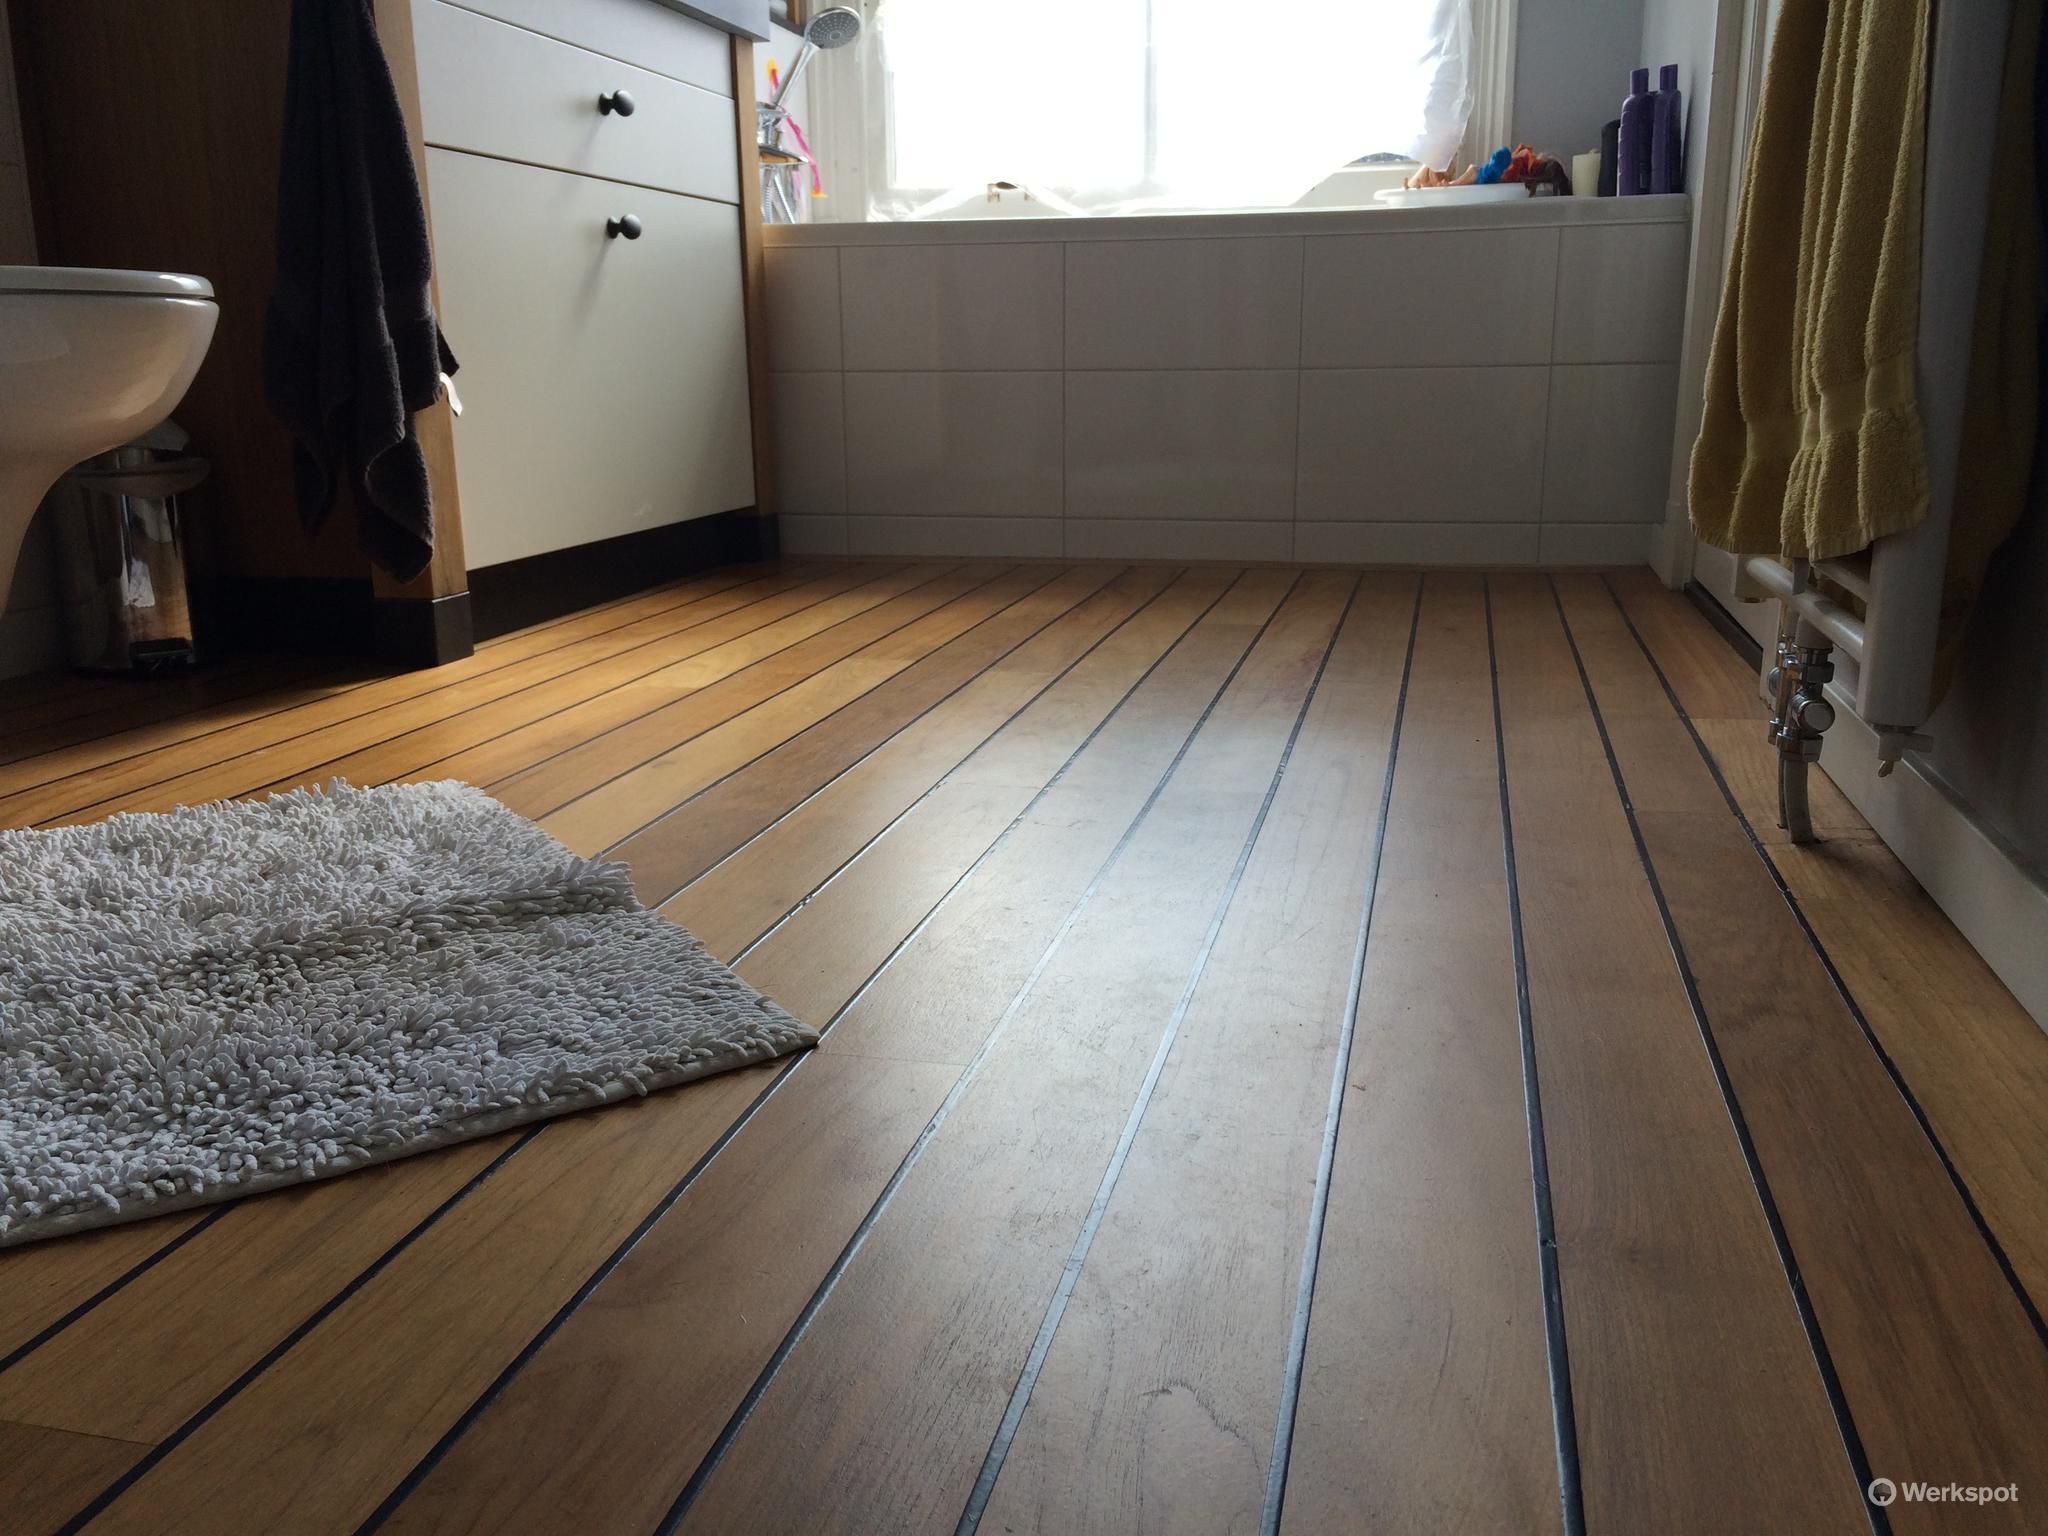 scheepsdekvloer voor badkamer werkspot